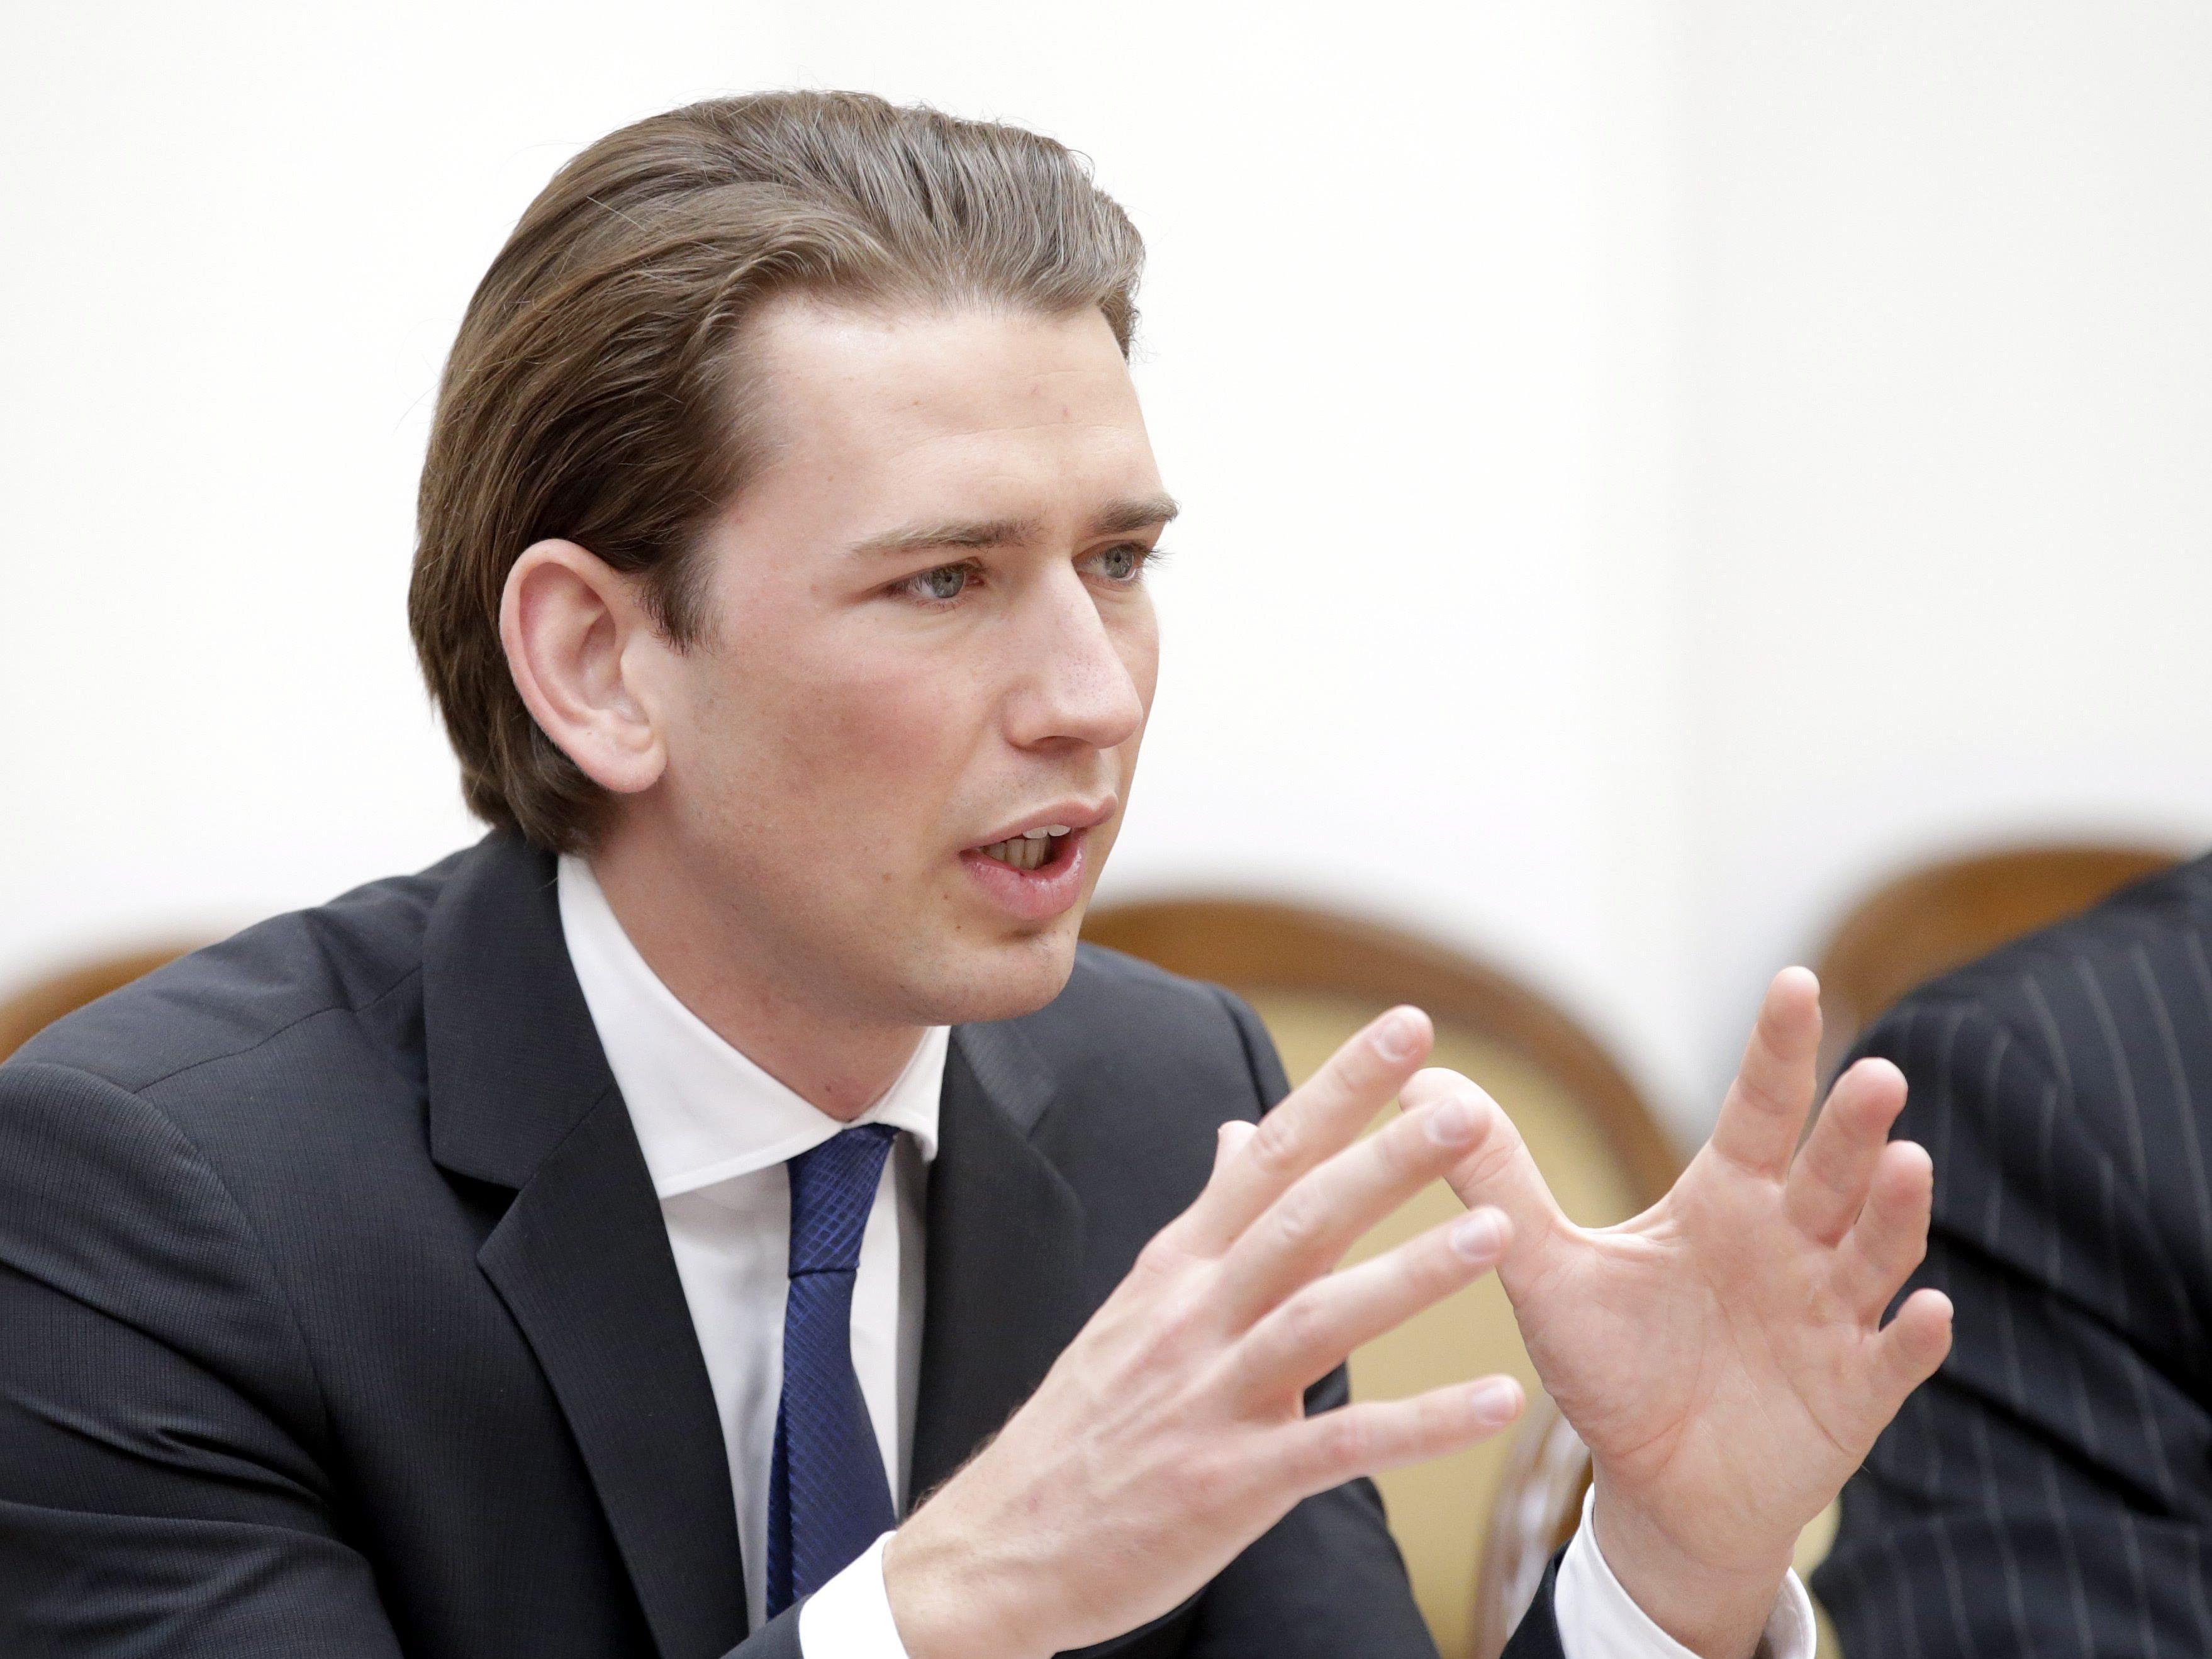 Sozialleistungen: Rumänien kritisiert Kurz für Kürzungs-Vorstoß.